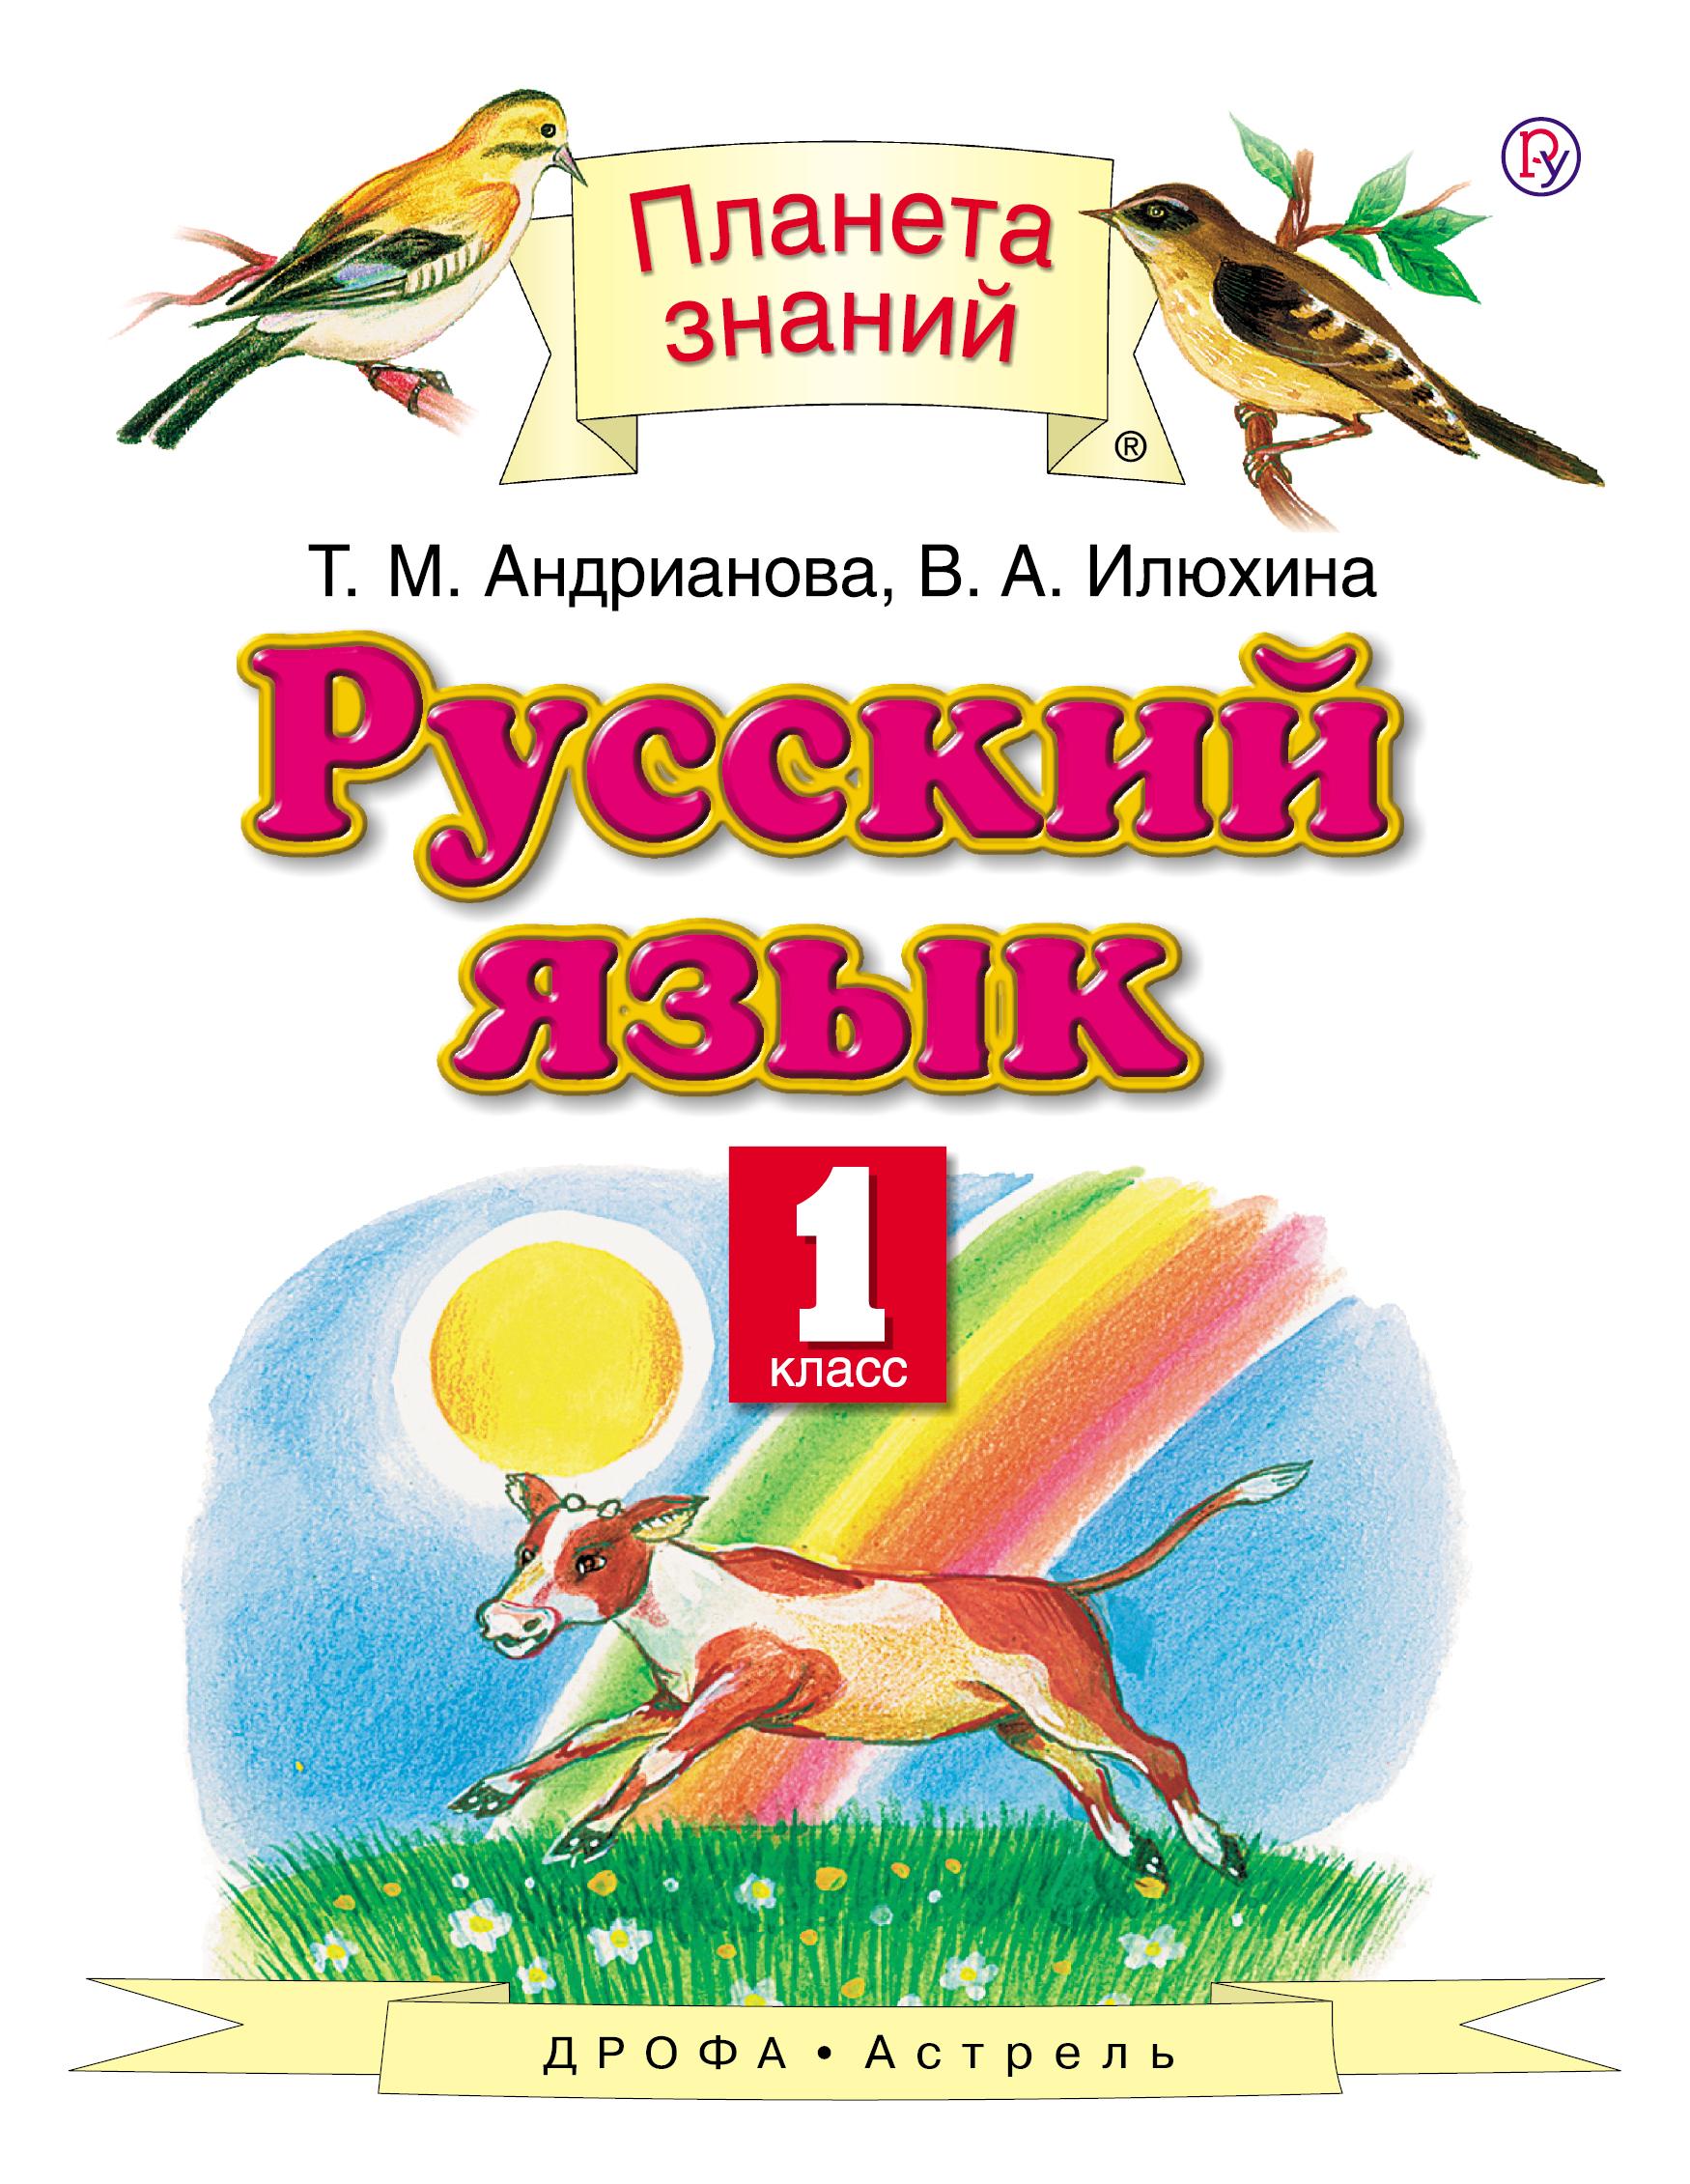 Андрианова Т.М., Илюхина В.А. / Русский язык. 1 класс